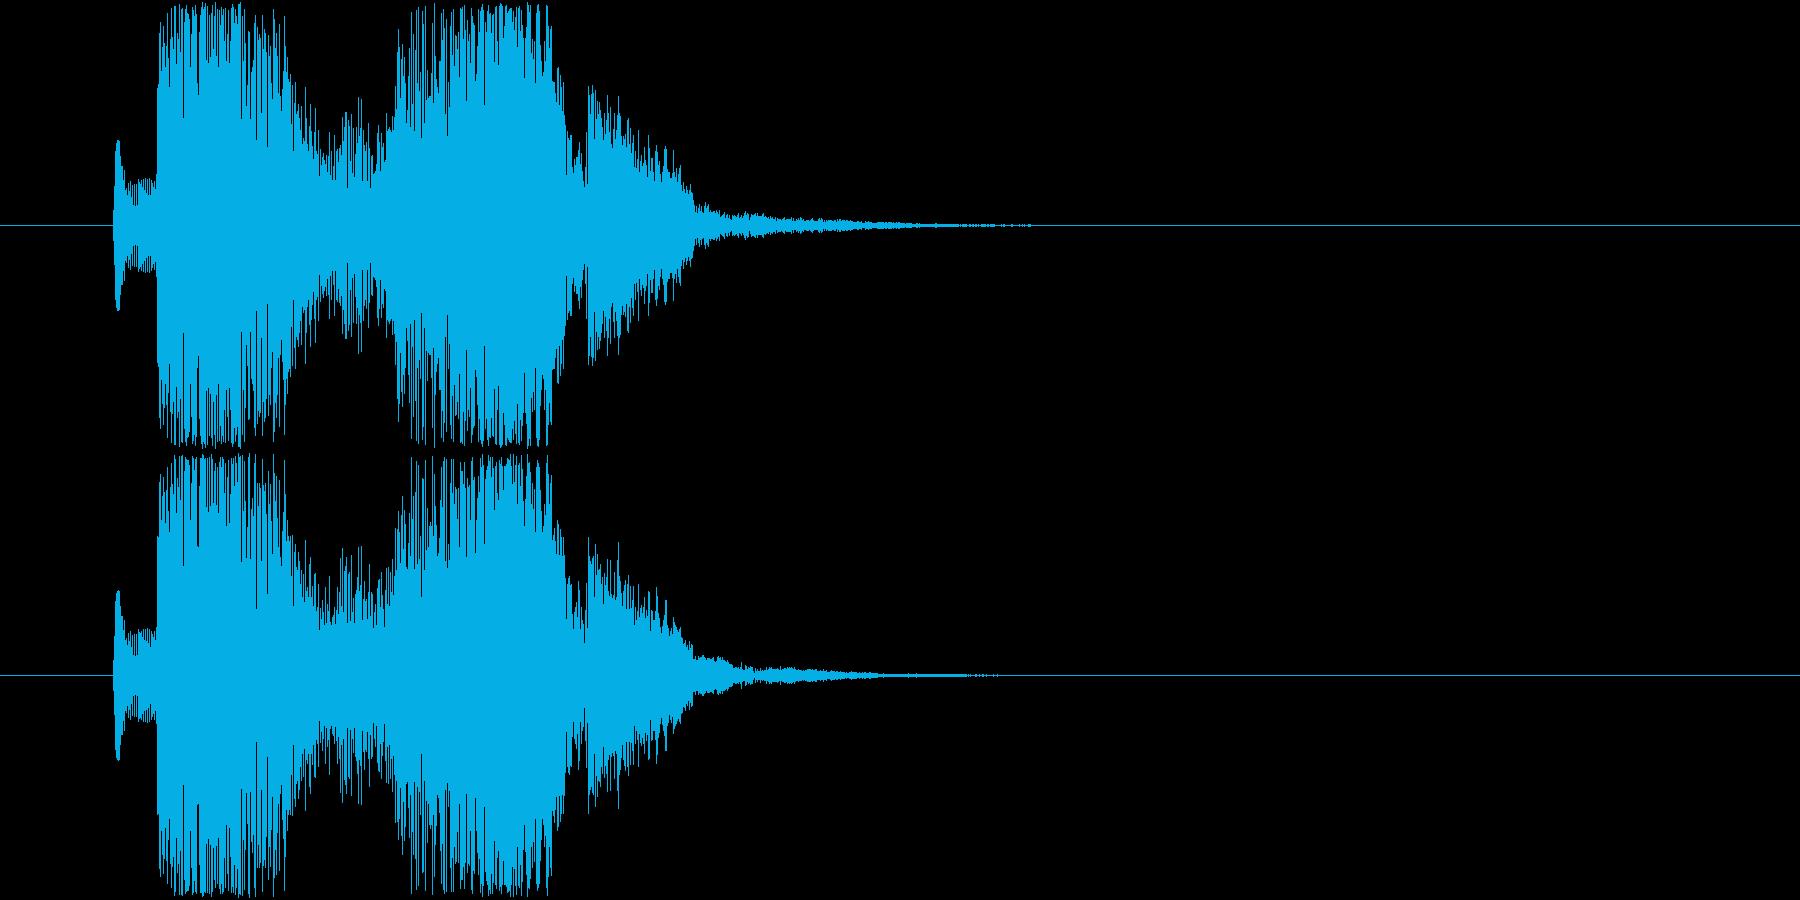 「ピコピコン!」未来的、宇宙っぽい決定音の再生済みの波形